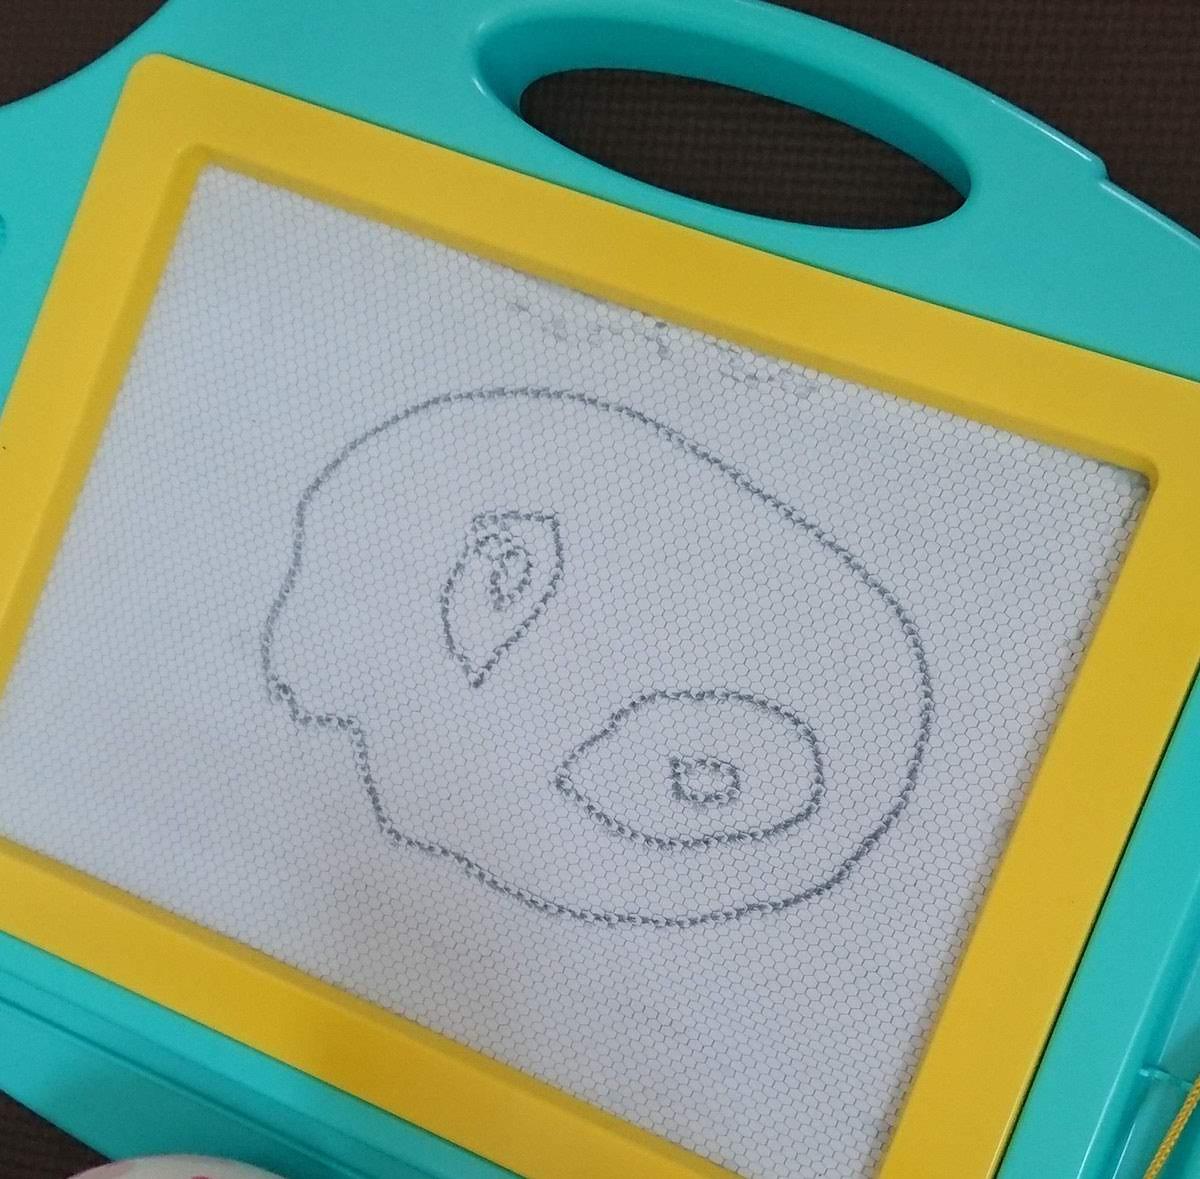 2歳児の描いた絵